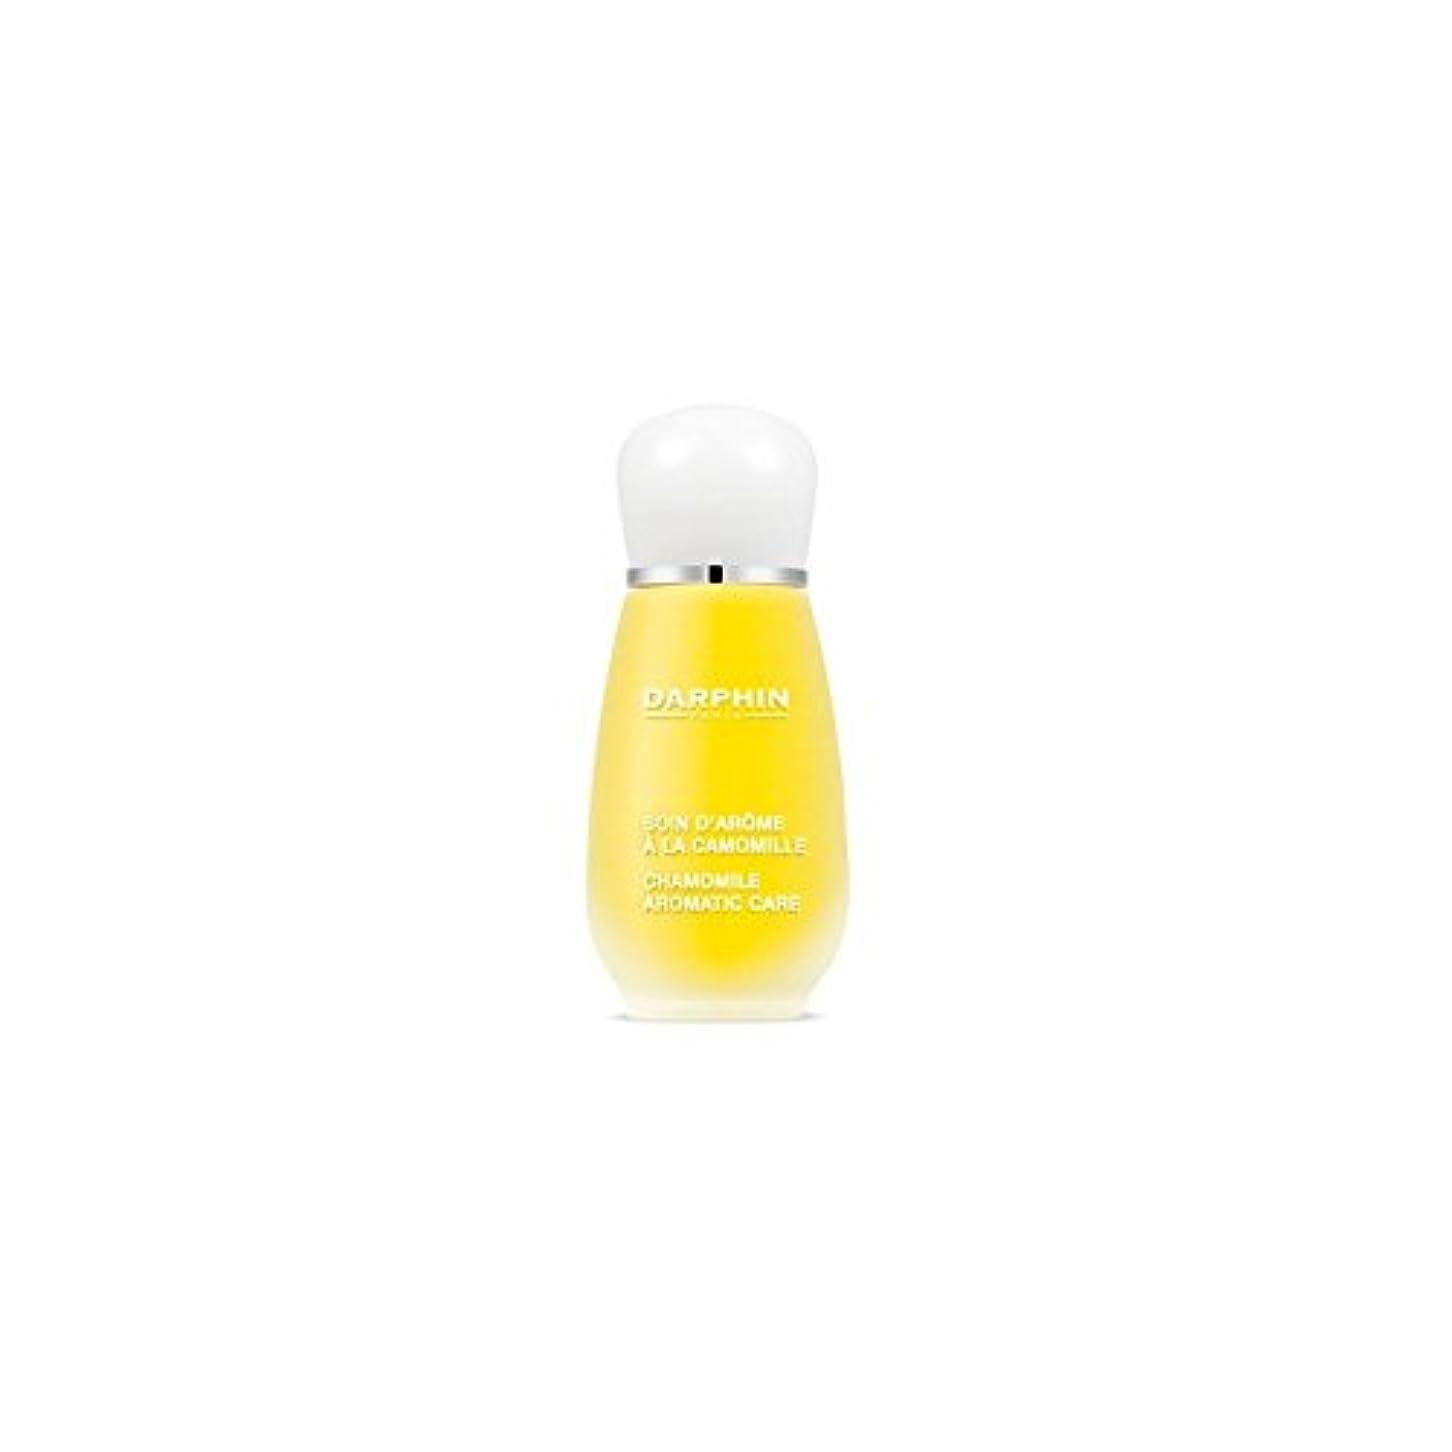 立ち向かうステーキチェリーDarphin Chamomile Aromatic Care (15ml) - ダルファンカモミール芳香ケア(15ミリリットル) [並行輸入品]